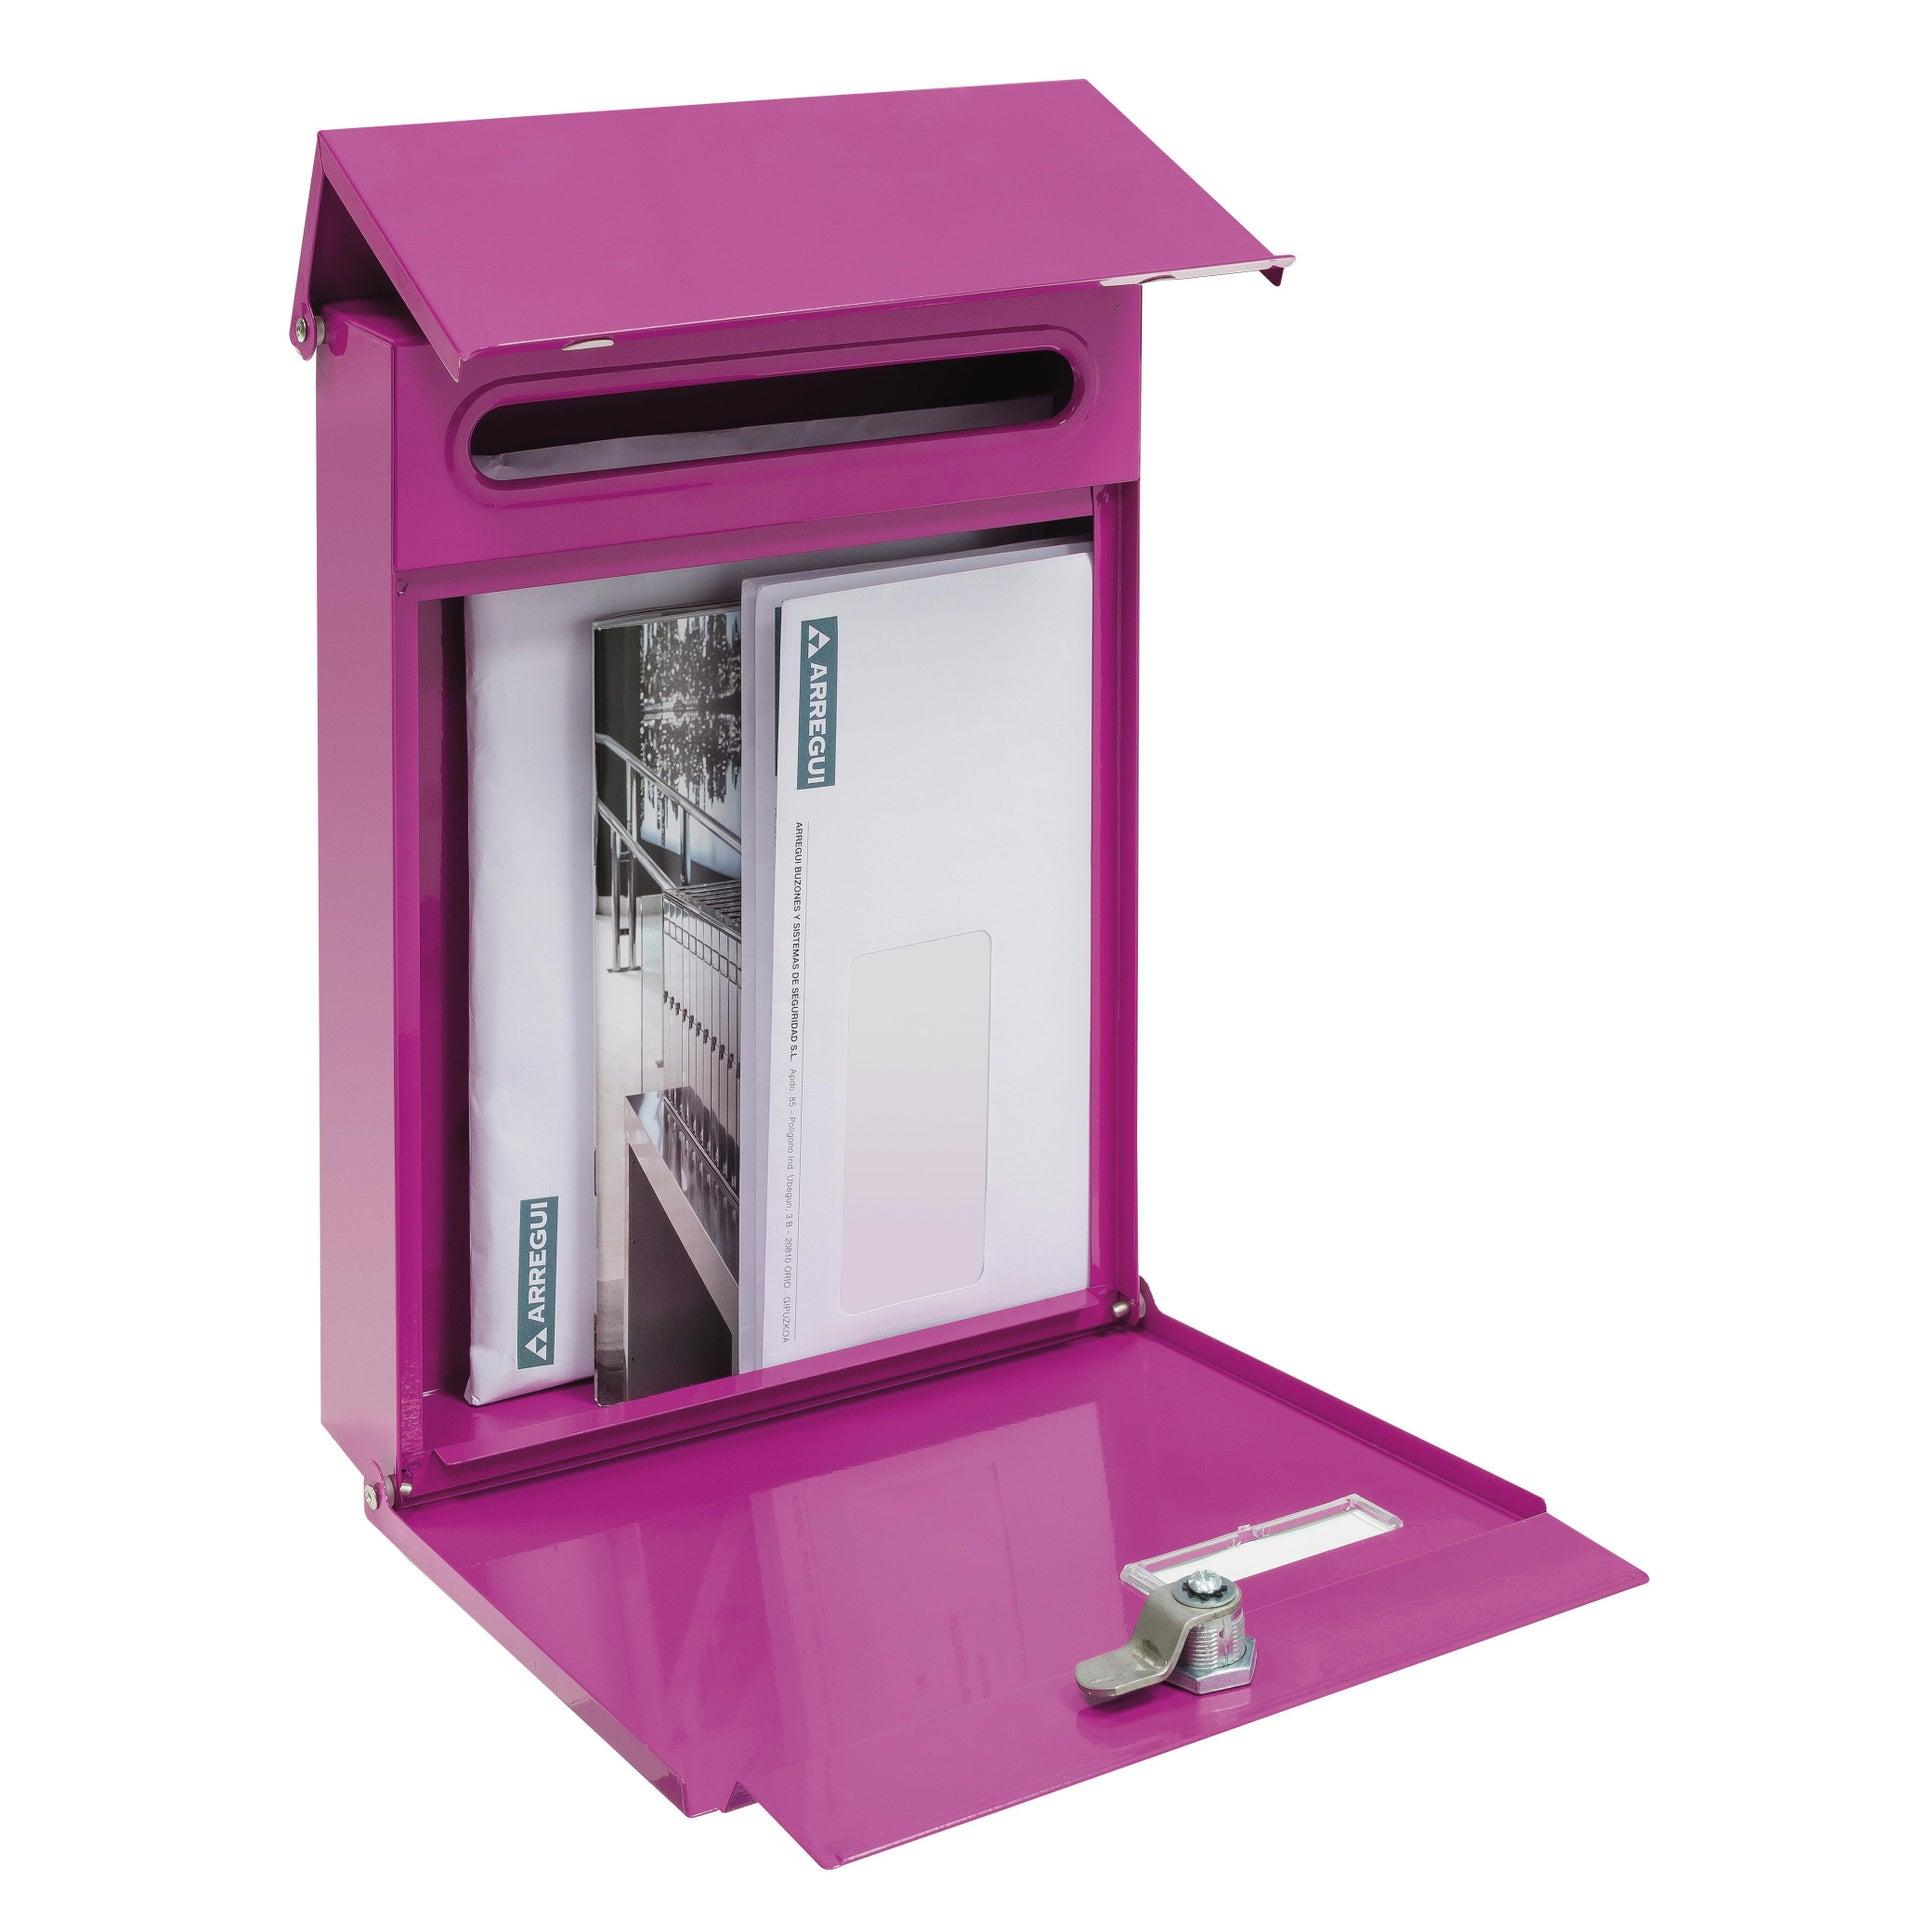 Cassetta postale ARREGUI formato Lettera, rosa , L 23 x P 0.65 x H 30.5 cm - 4